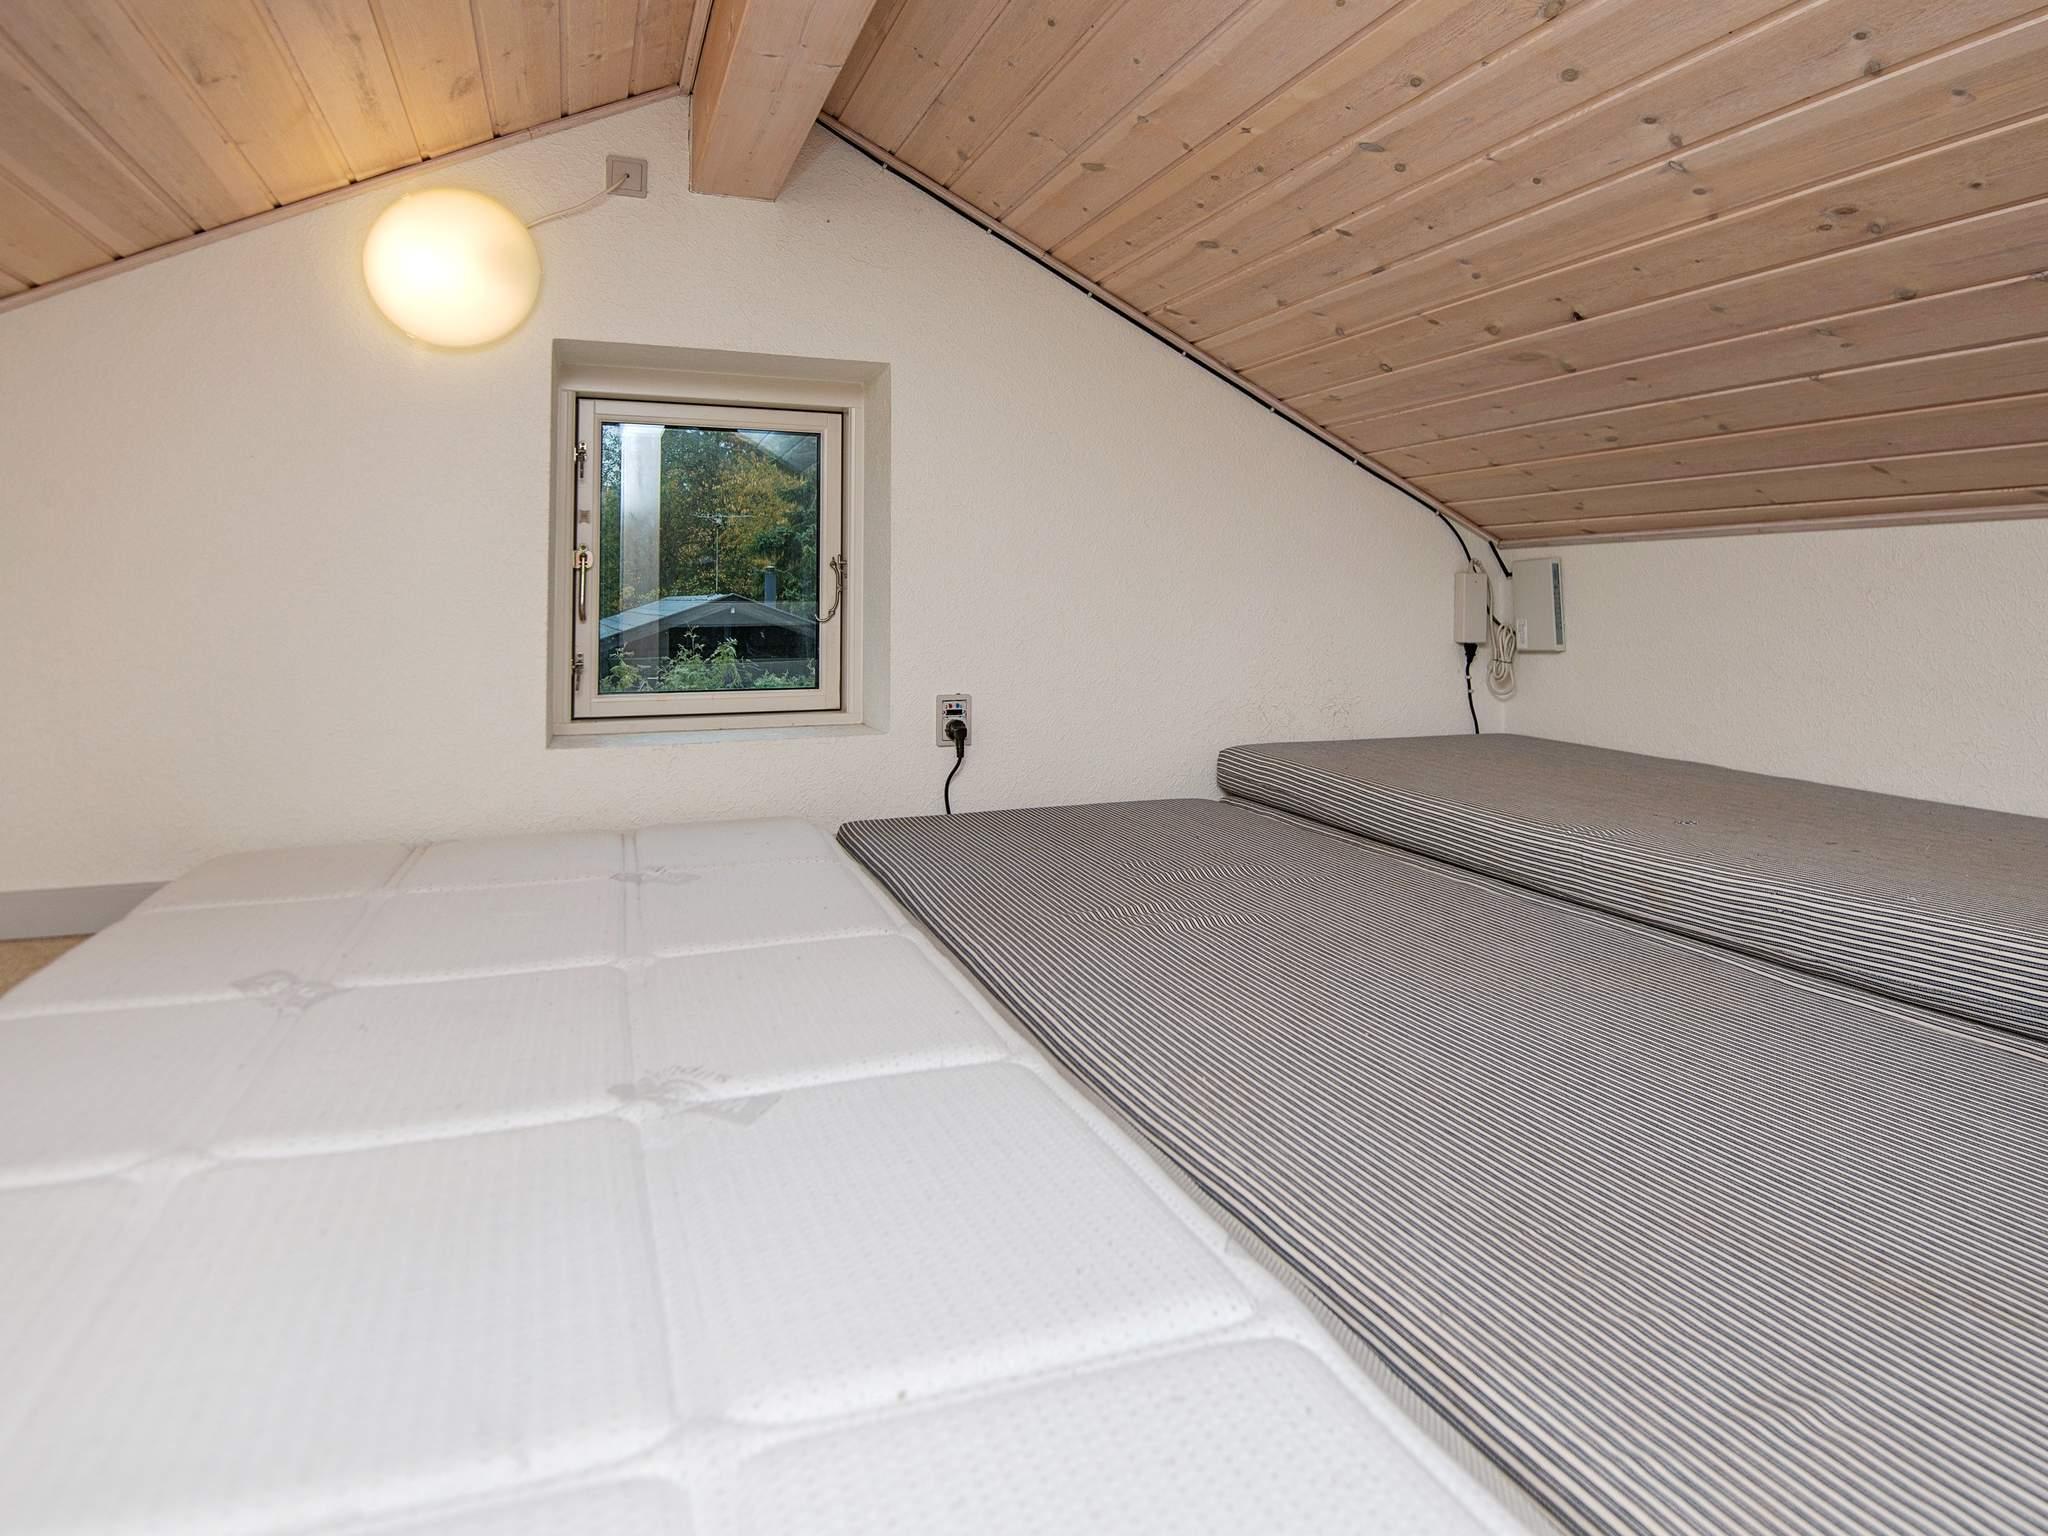 Ferienhaus Silkeborg (2523712), Silkeborg, , Ostjütland, Dänemark, Bild 10